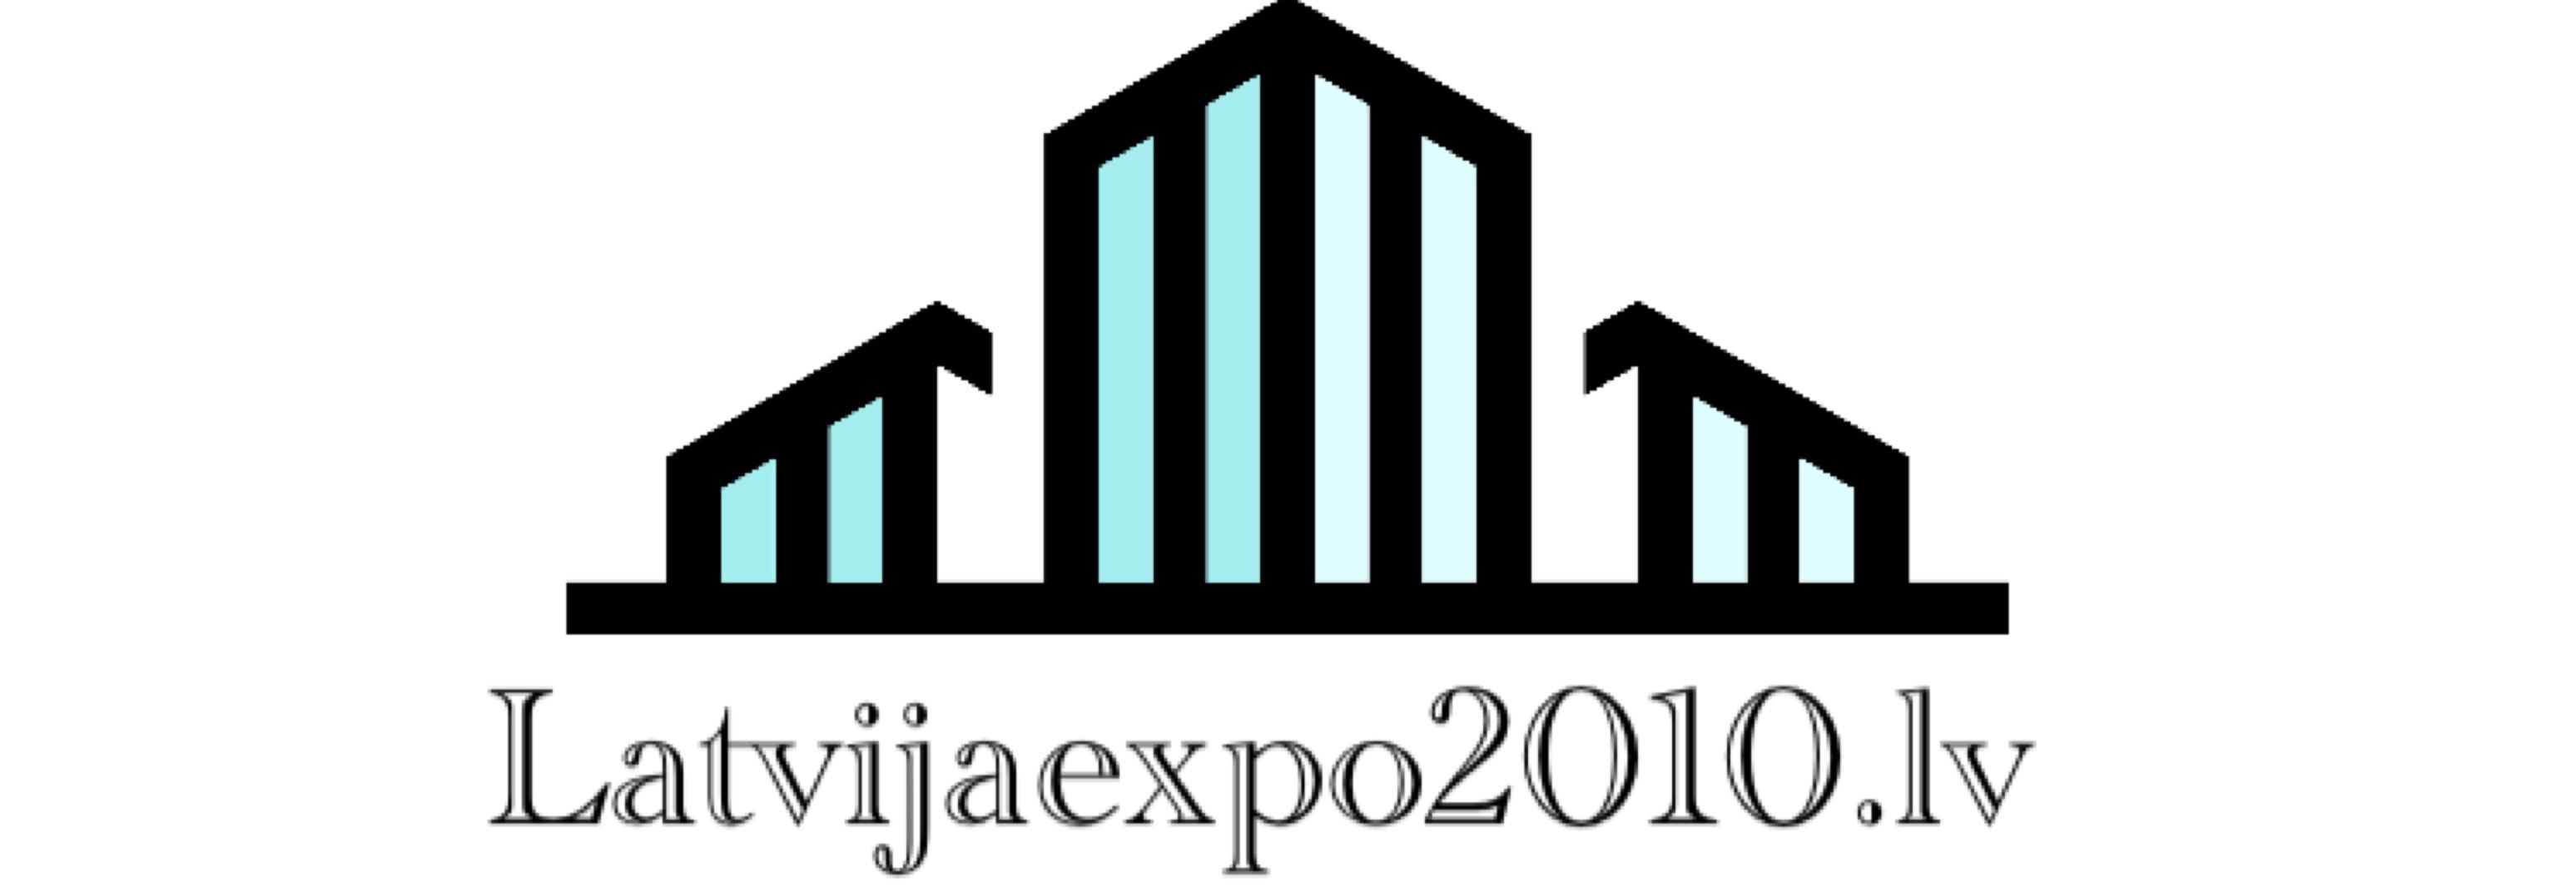 Latvija Expo 2010